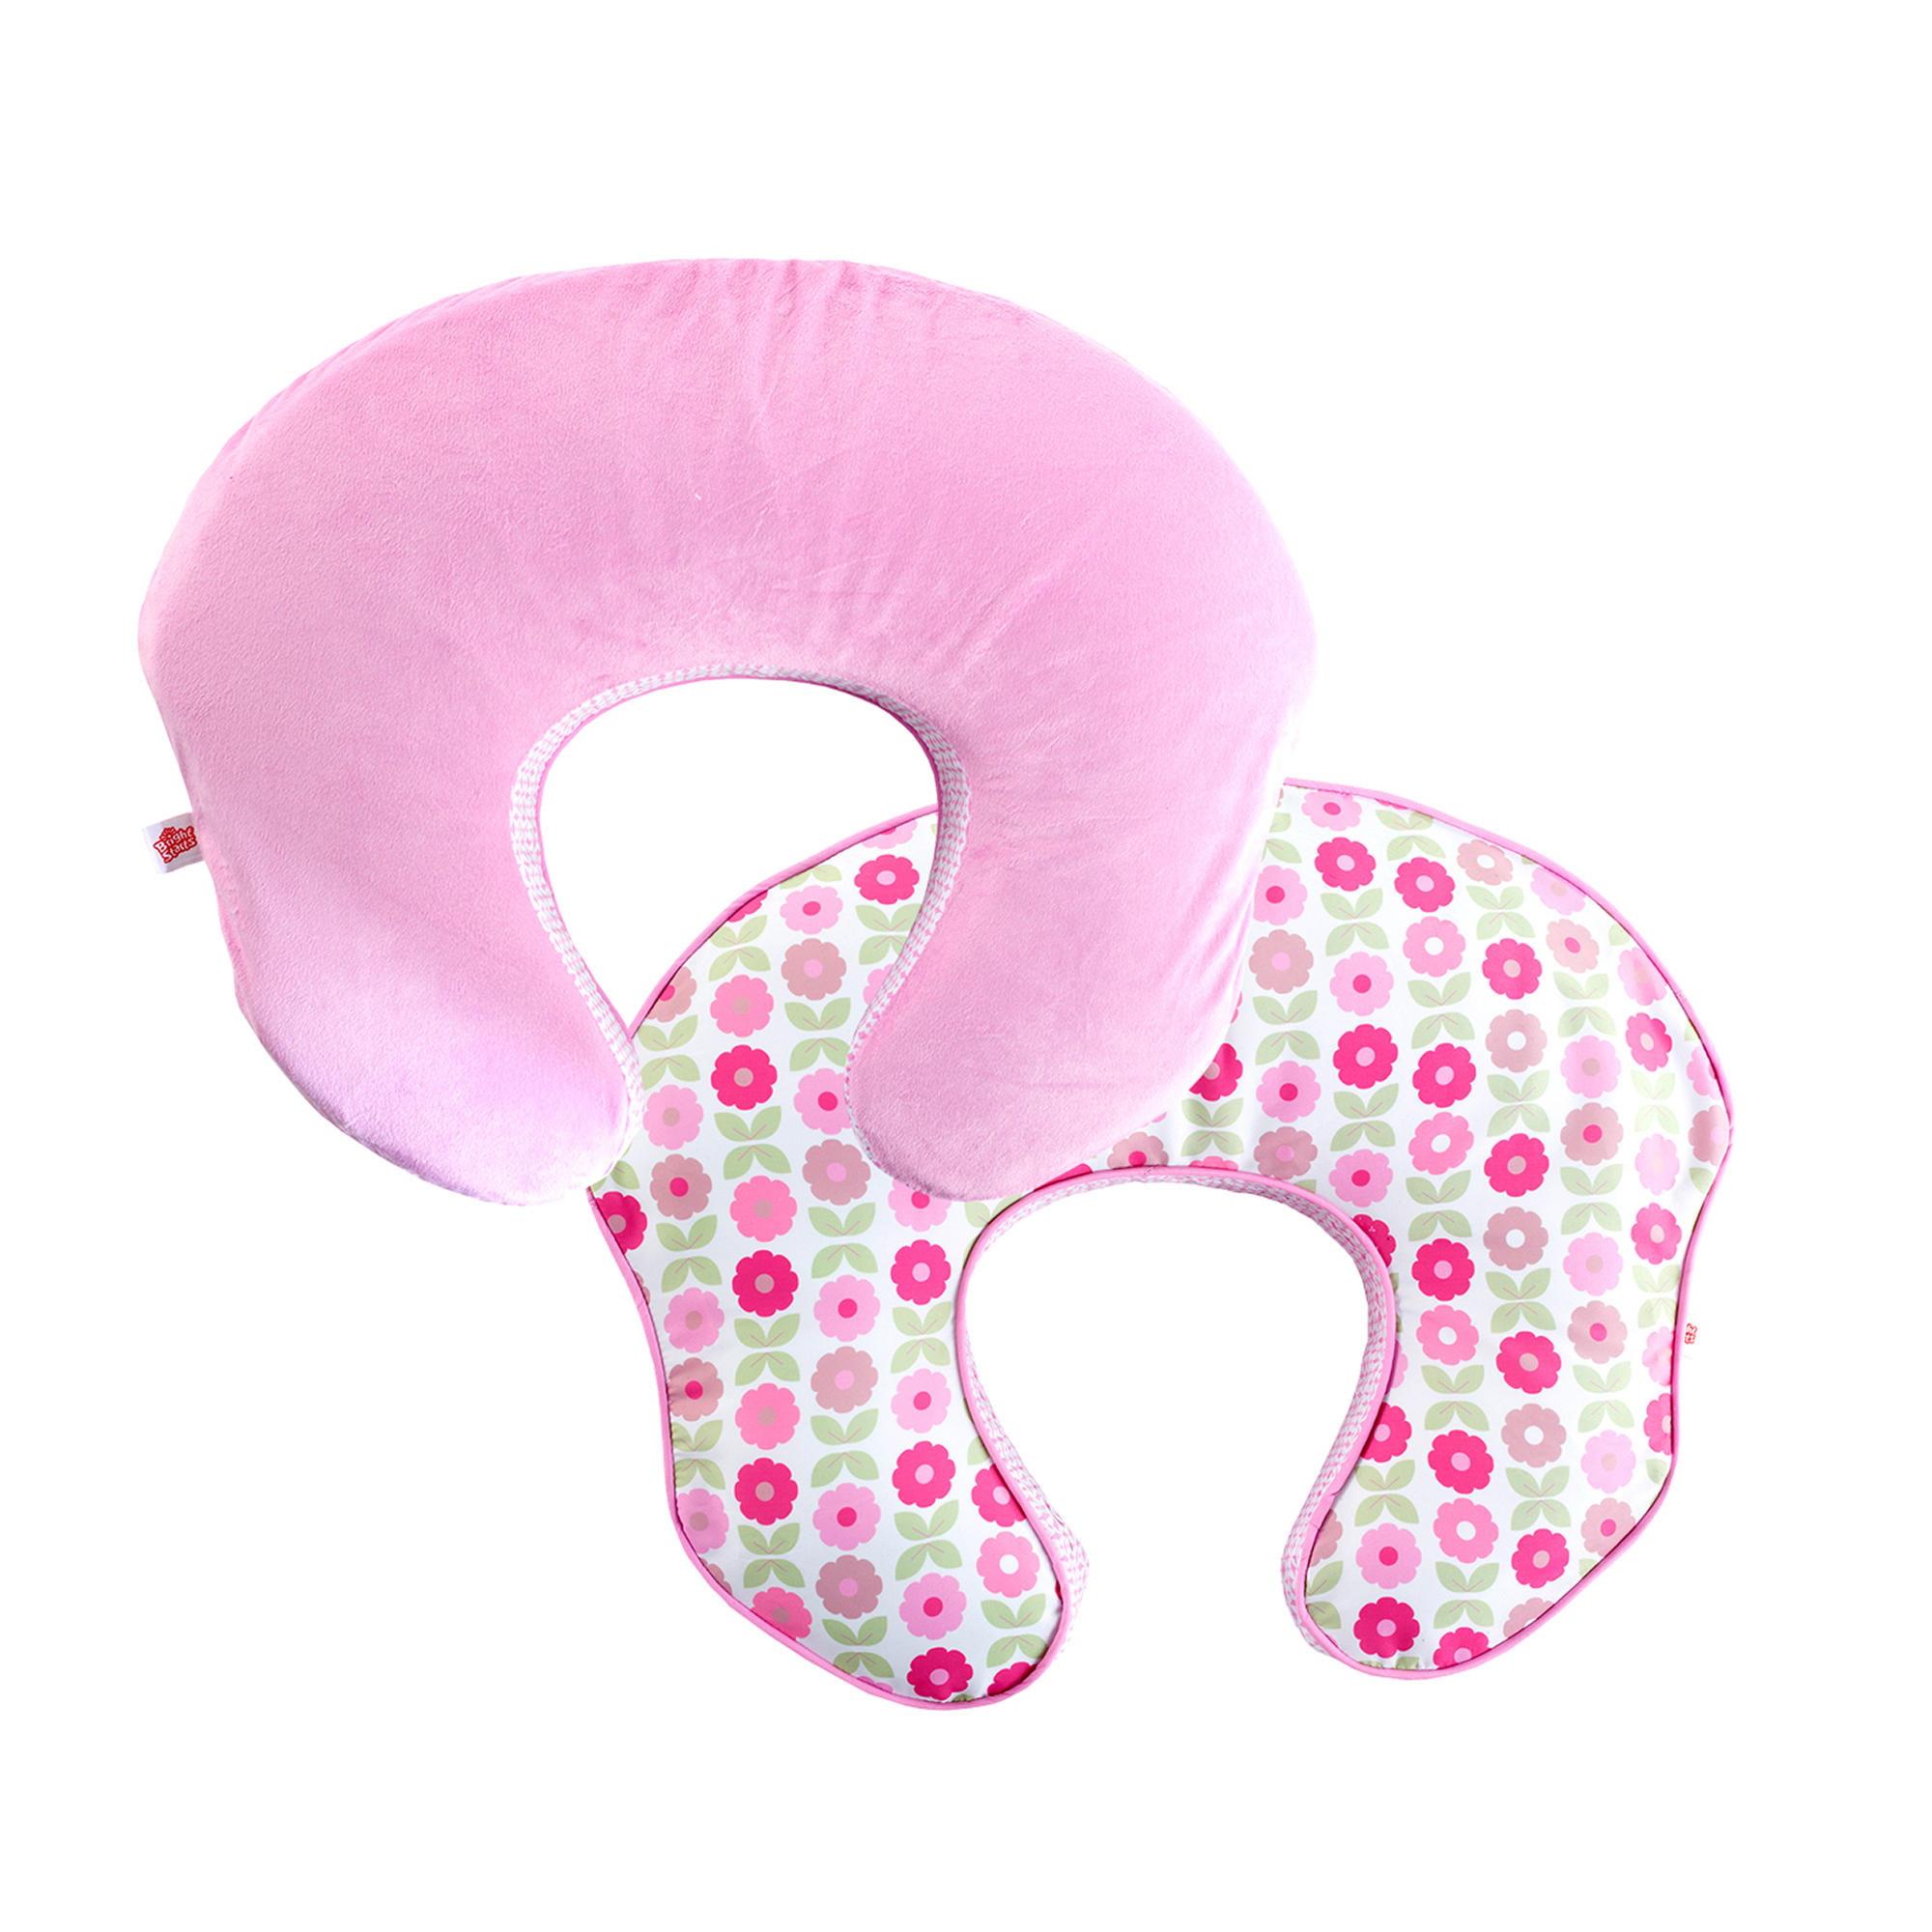 Comfort & Harmony mombo Deluxe Nursing Pillow Slipcover - Blush 'n Bloom